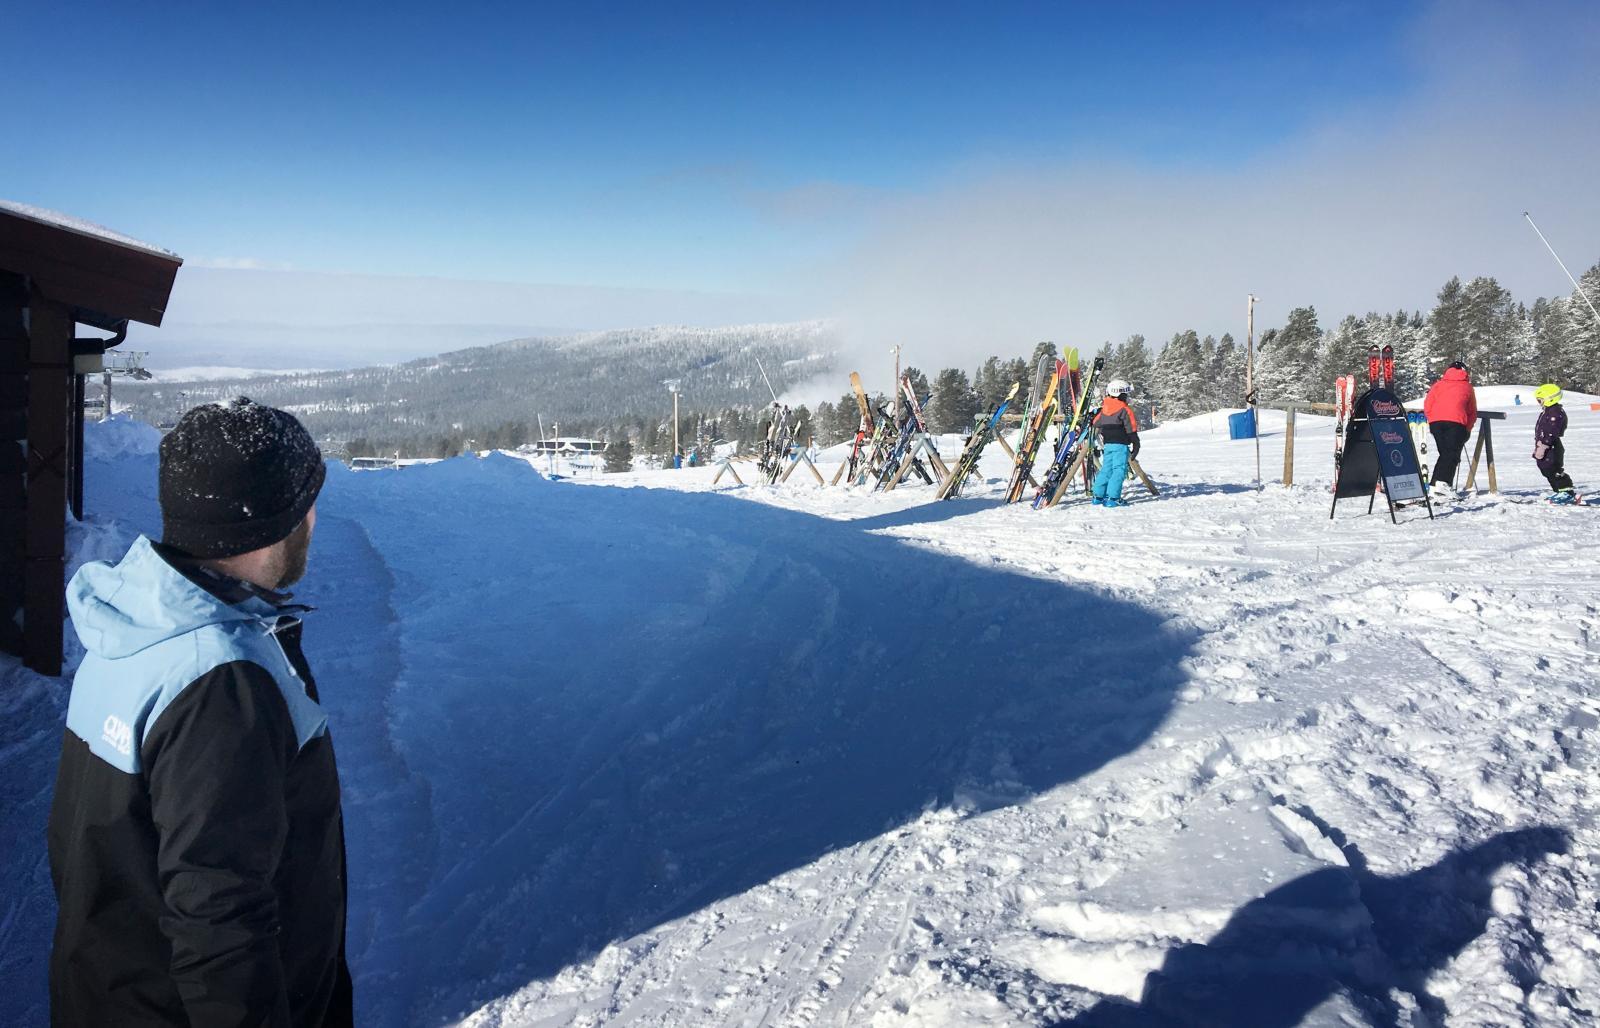 Fullt med skidor utanför restaurang Charlies. Populärt både kring lunchtid och after-ski.